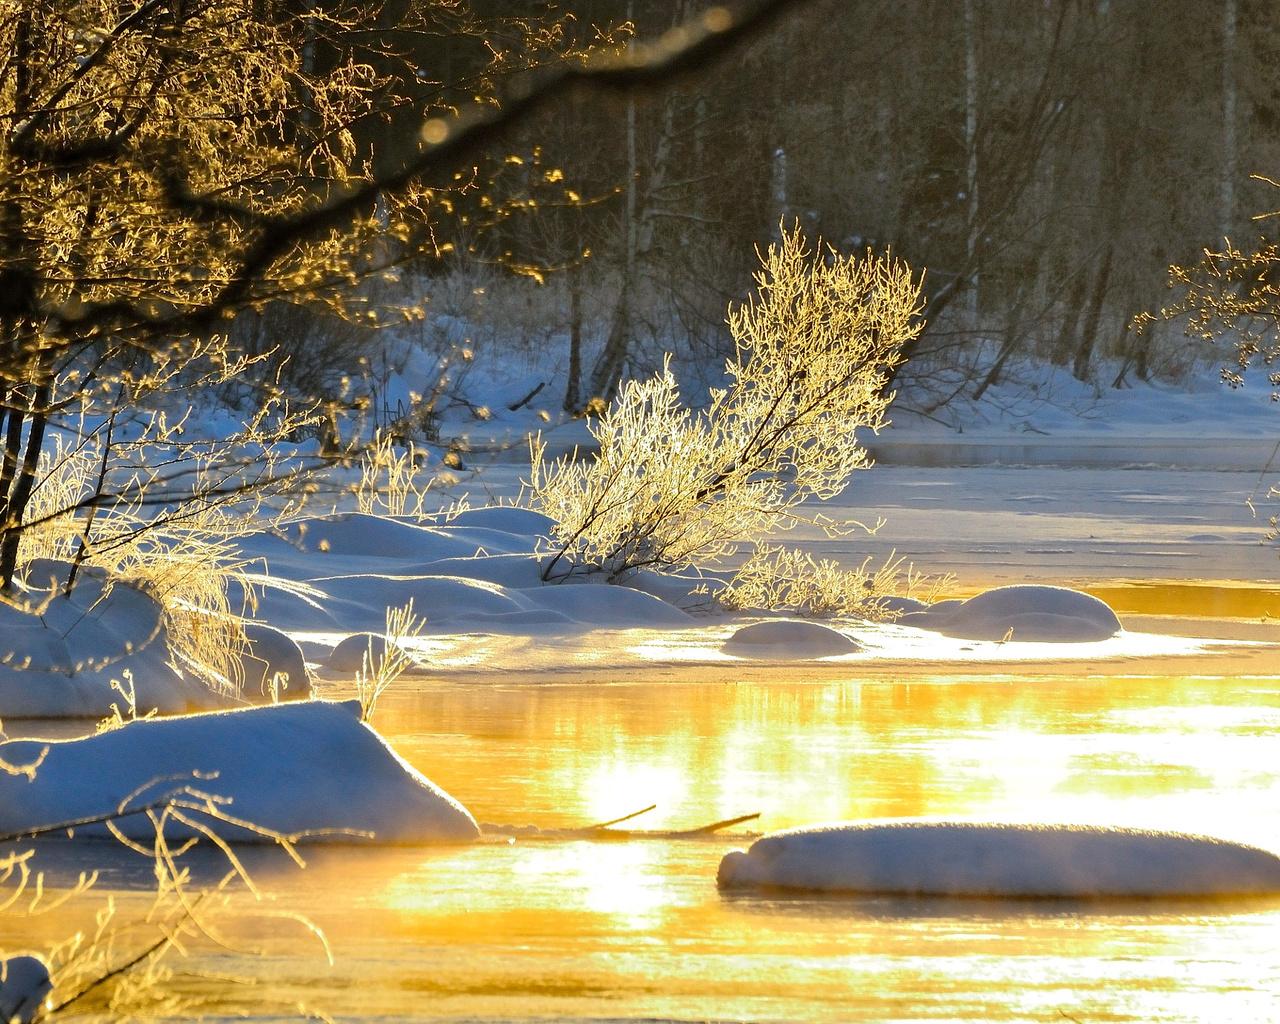 природа, зима, снег, деревья, кусты, ветки, сугробы, река, вода, hannu koskela